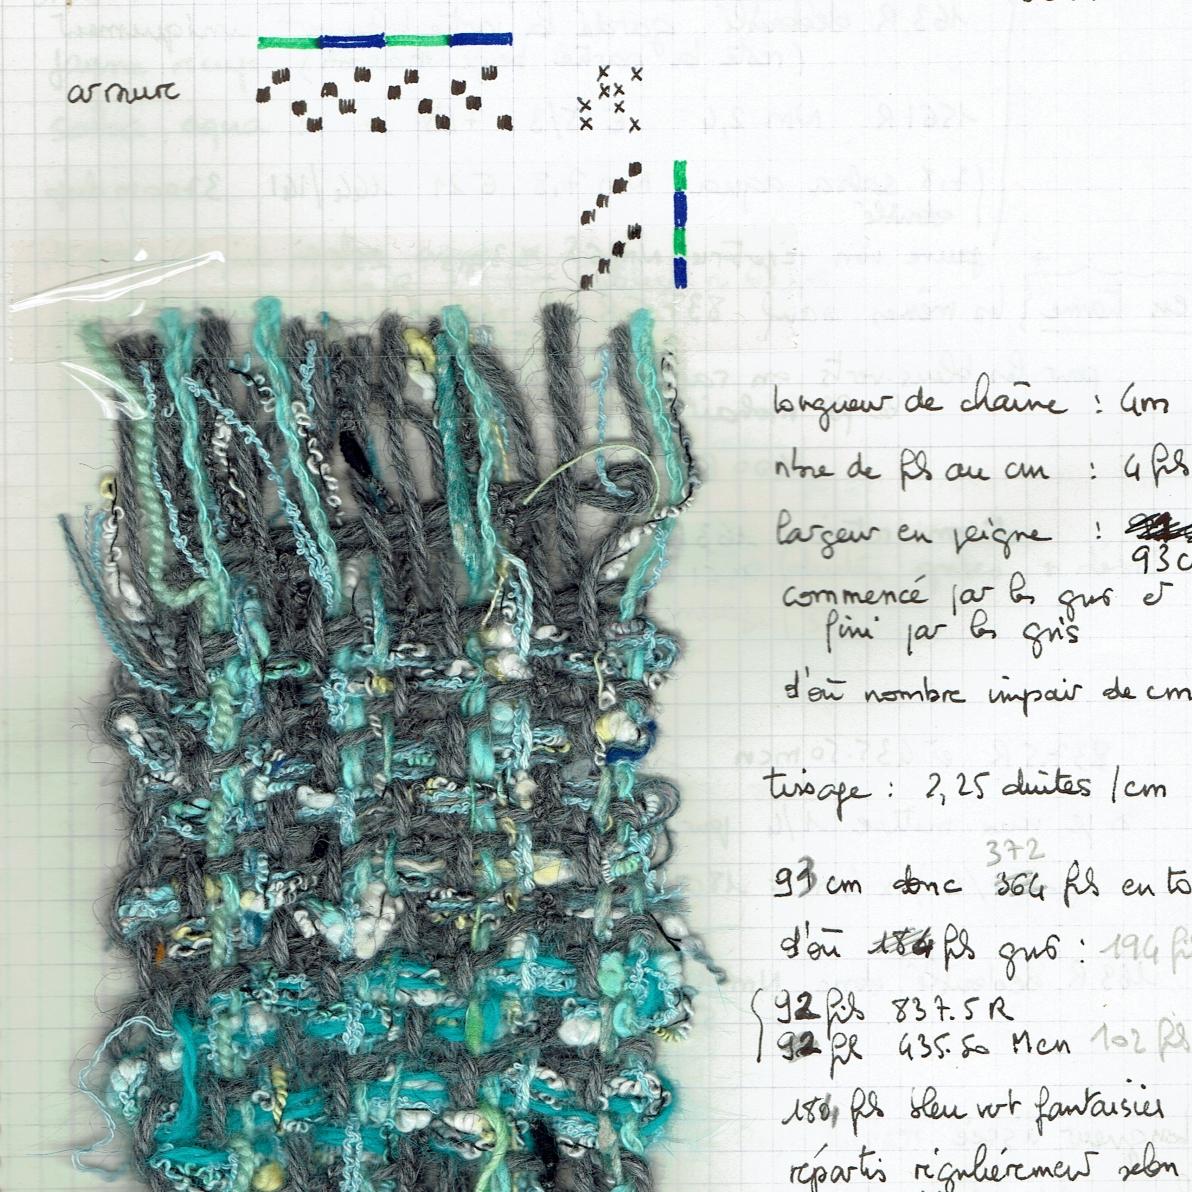 schéma et calculs